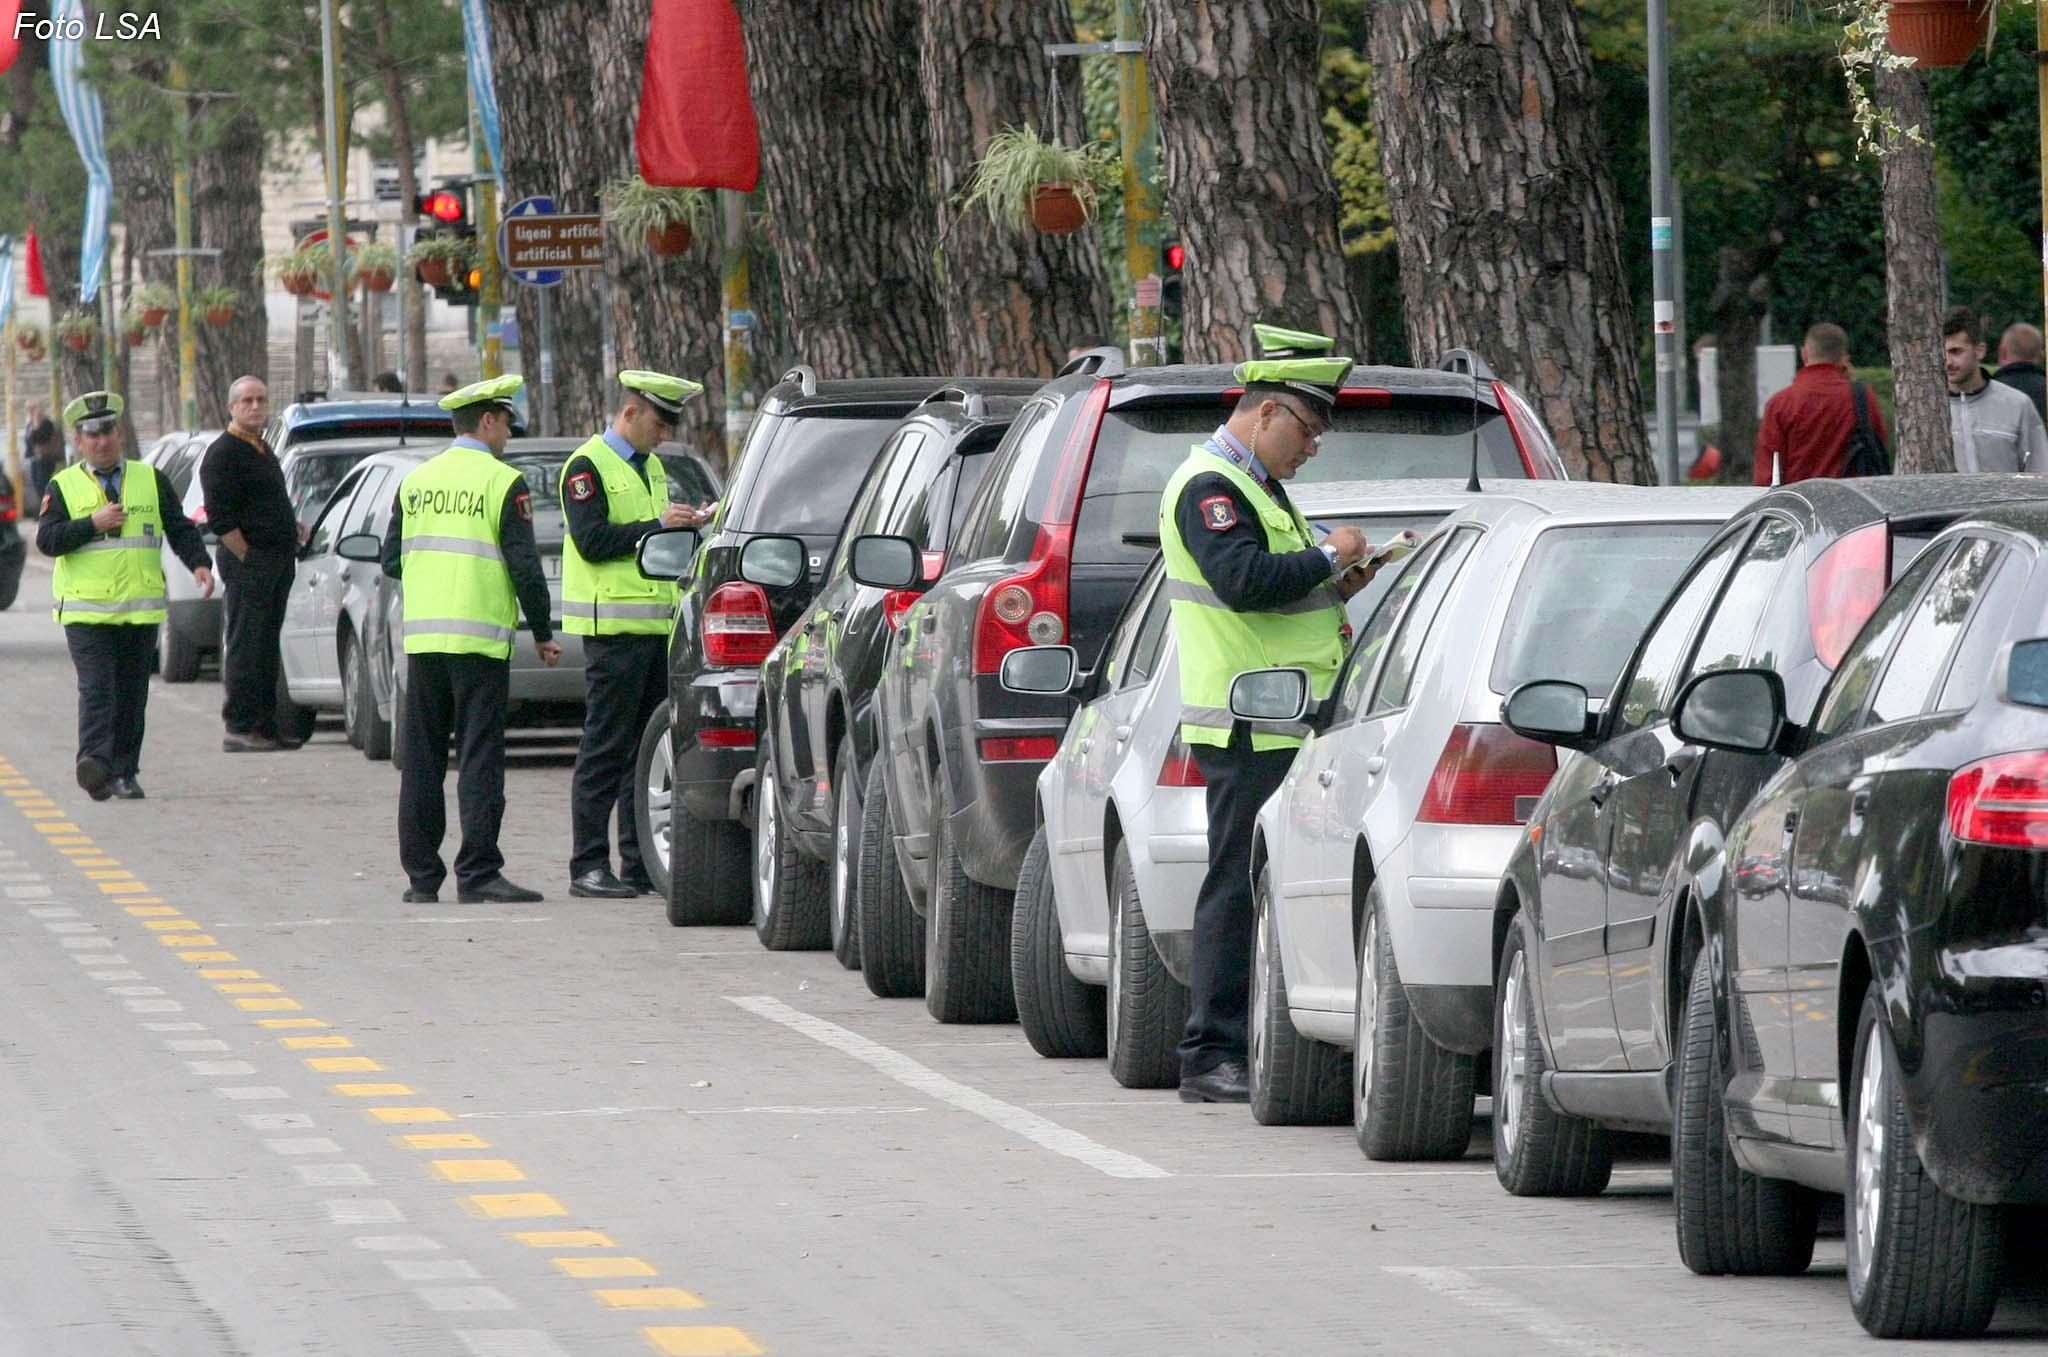 500 mijë lekë gjobë nëse nuk paguani siguracionin e makinës brenda 30 ditëve/ Konfindustria kërkesë Kuvendit: Mos e miratoni projekt-ligjin rëndon mbi xhepat e qytetarëve